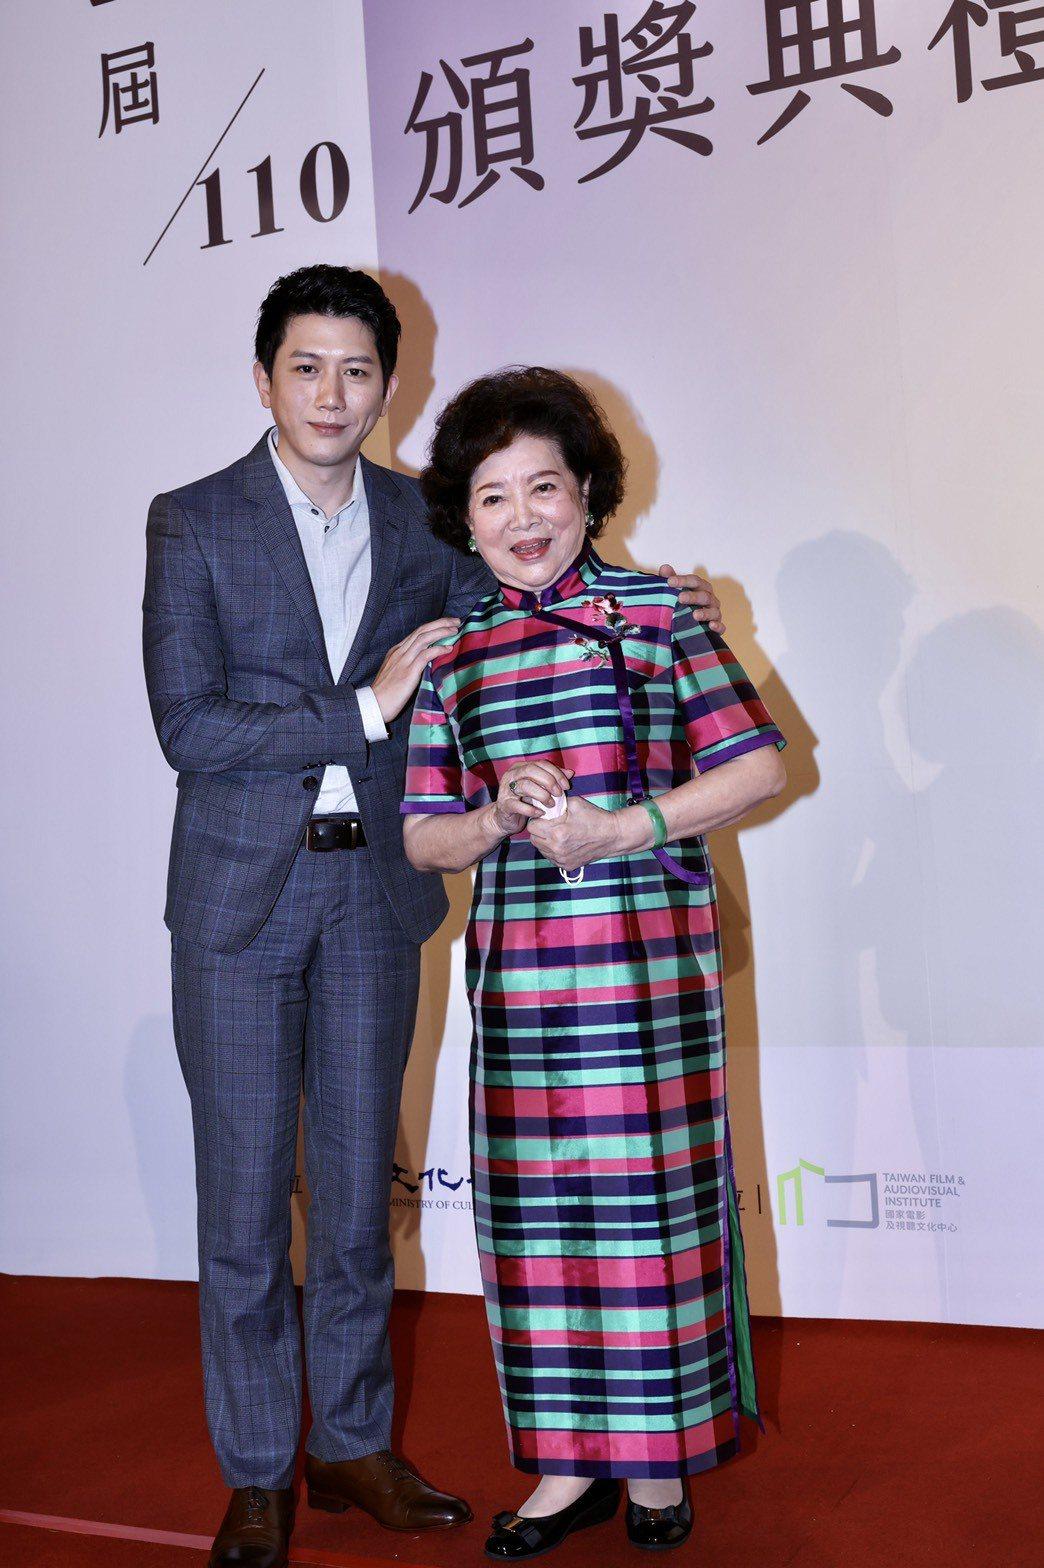 陳淑芳(右)、莫子儀(左)獲選台灣影評人協會的年度最佳男、女演員記者李政龍攝